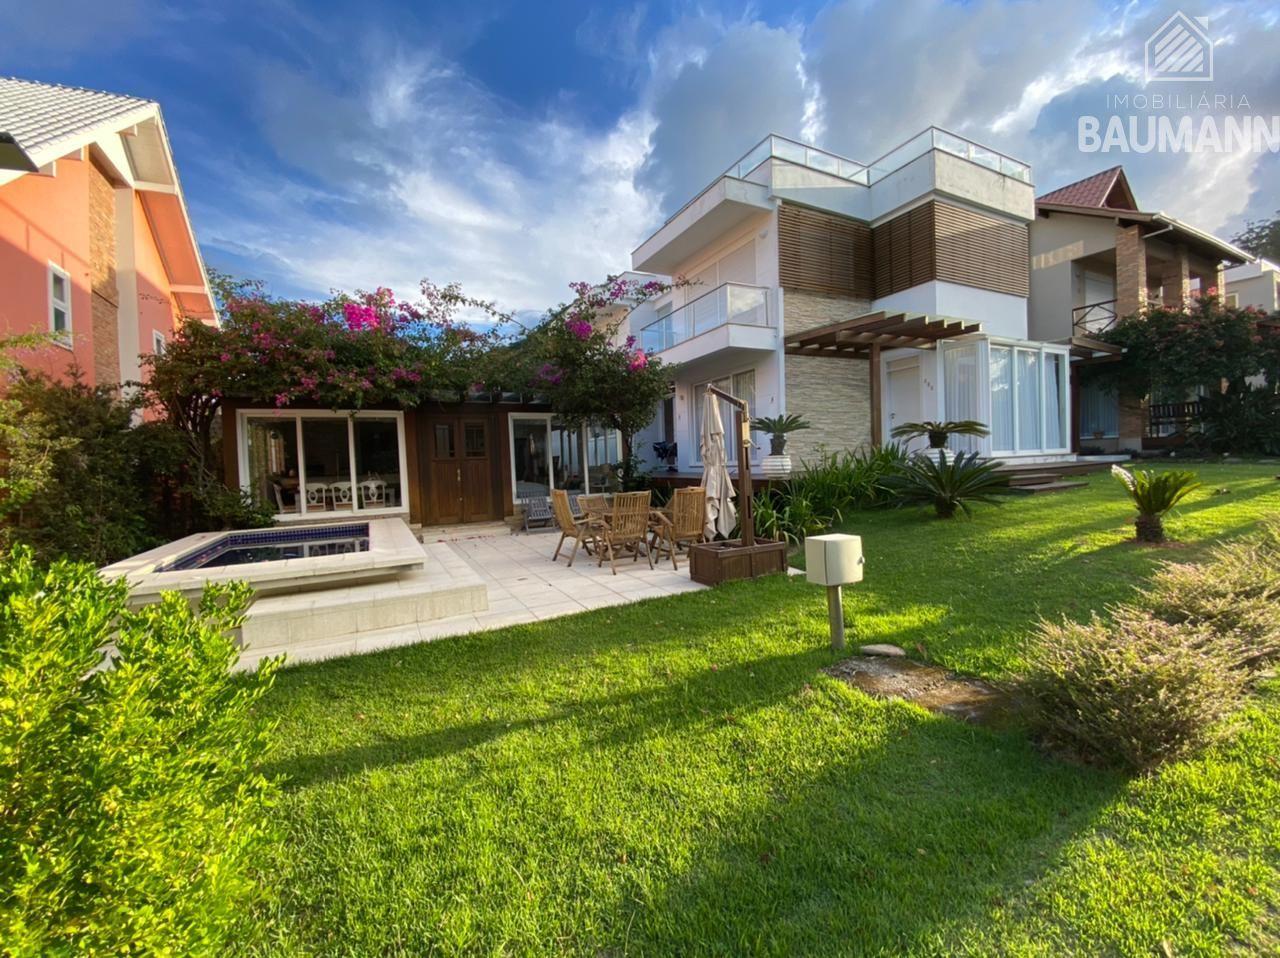 Casa à venda  no Praia do Estaleiro - Balneário Camboriú, SC. Imóveis